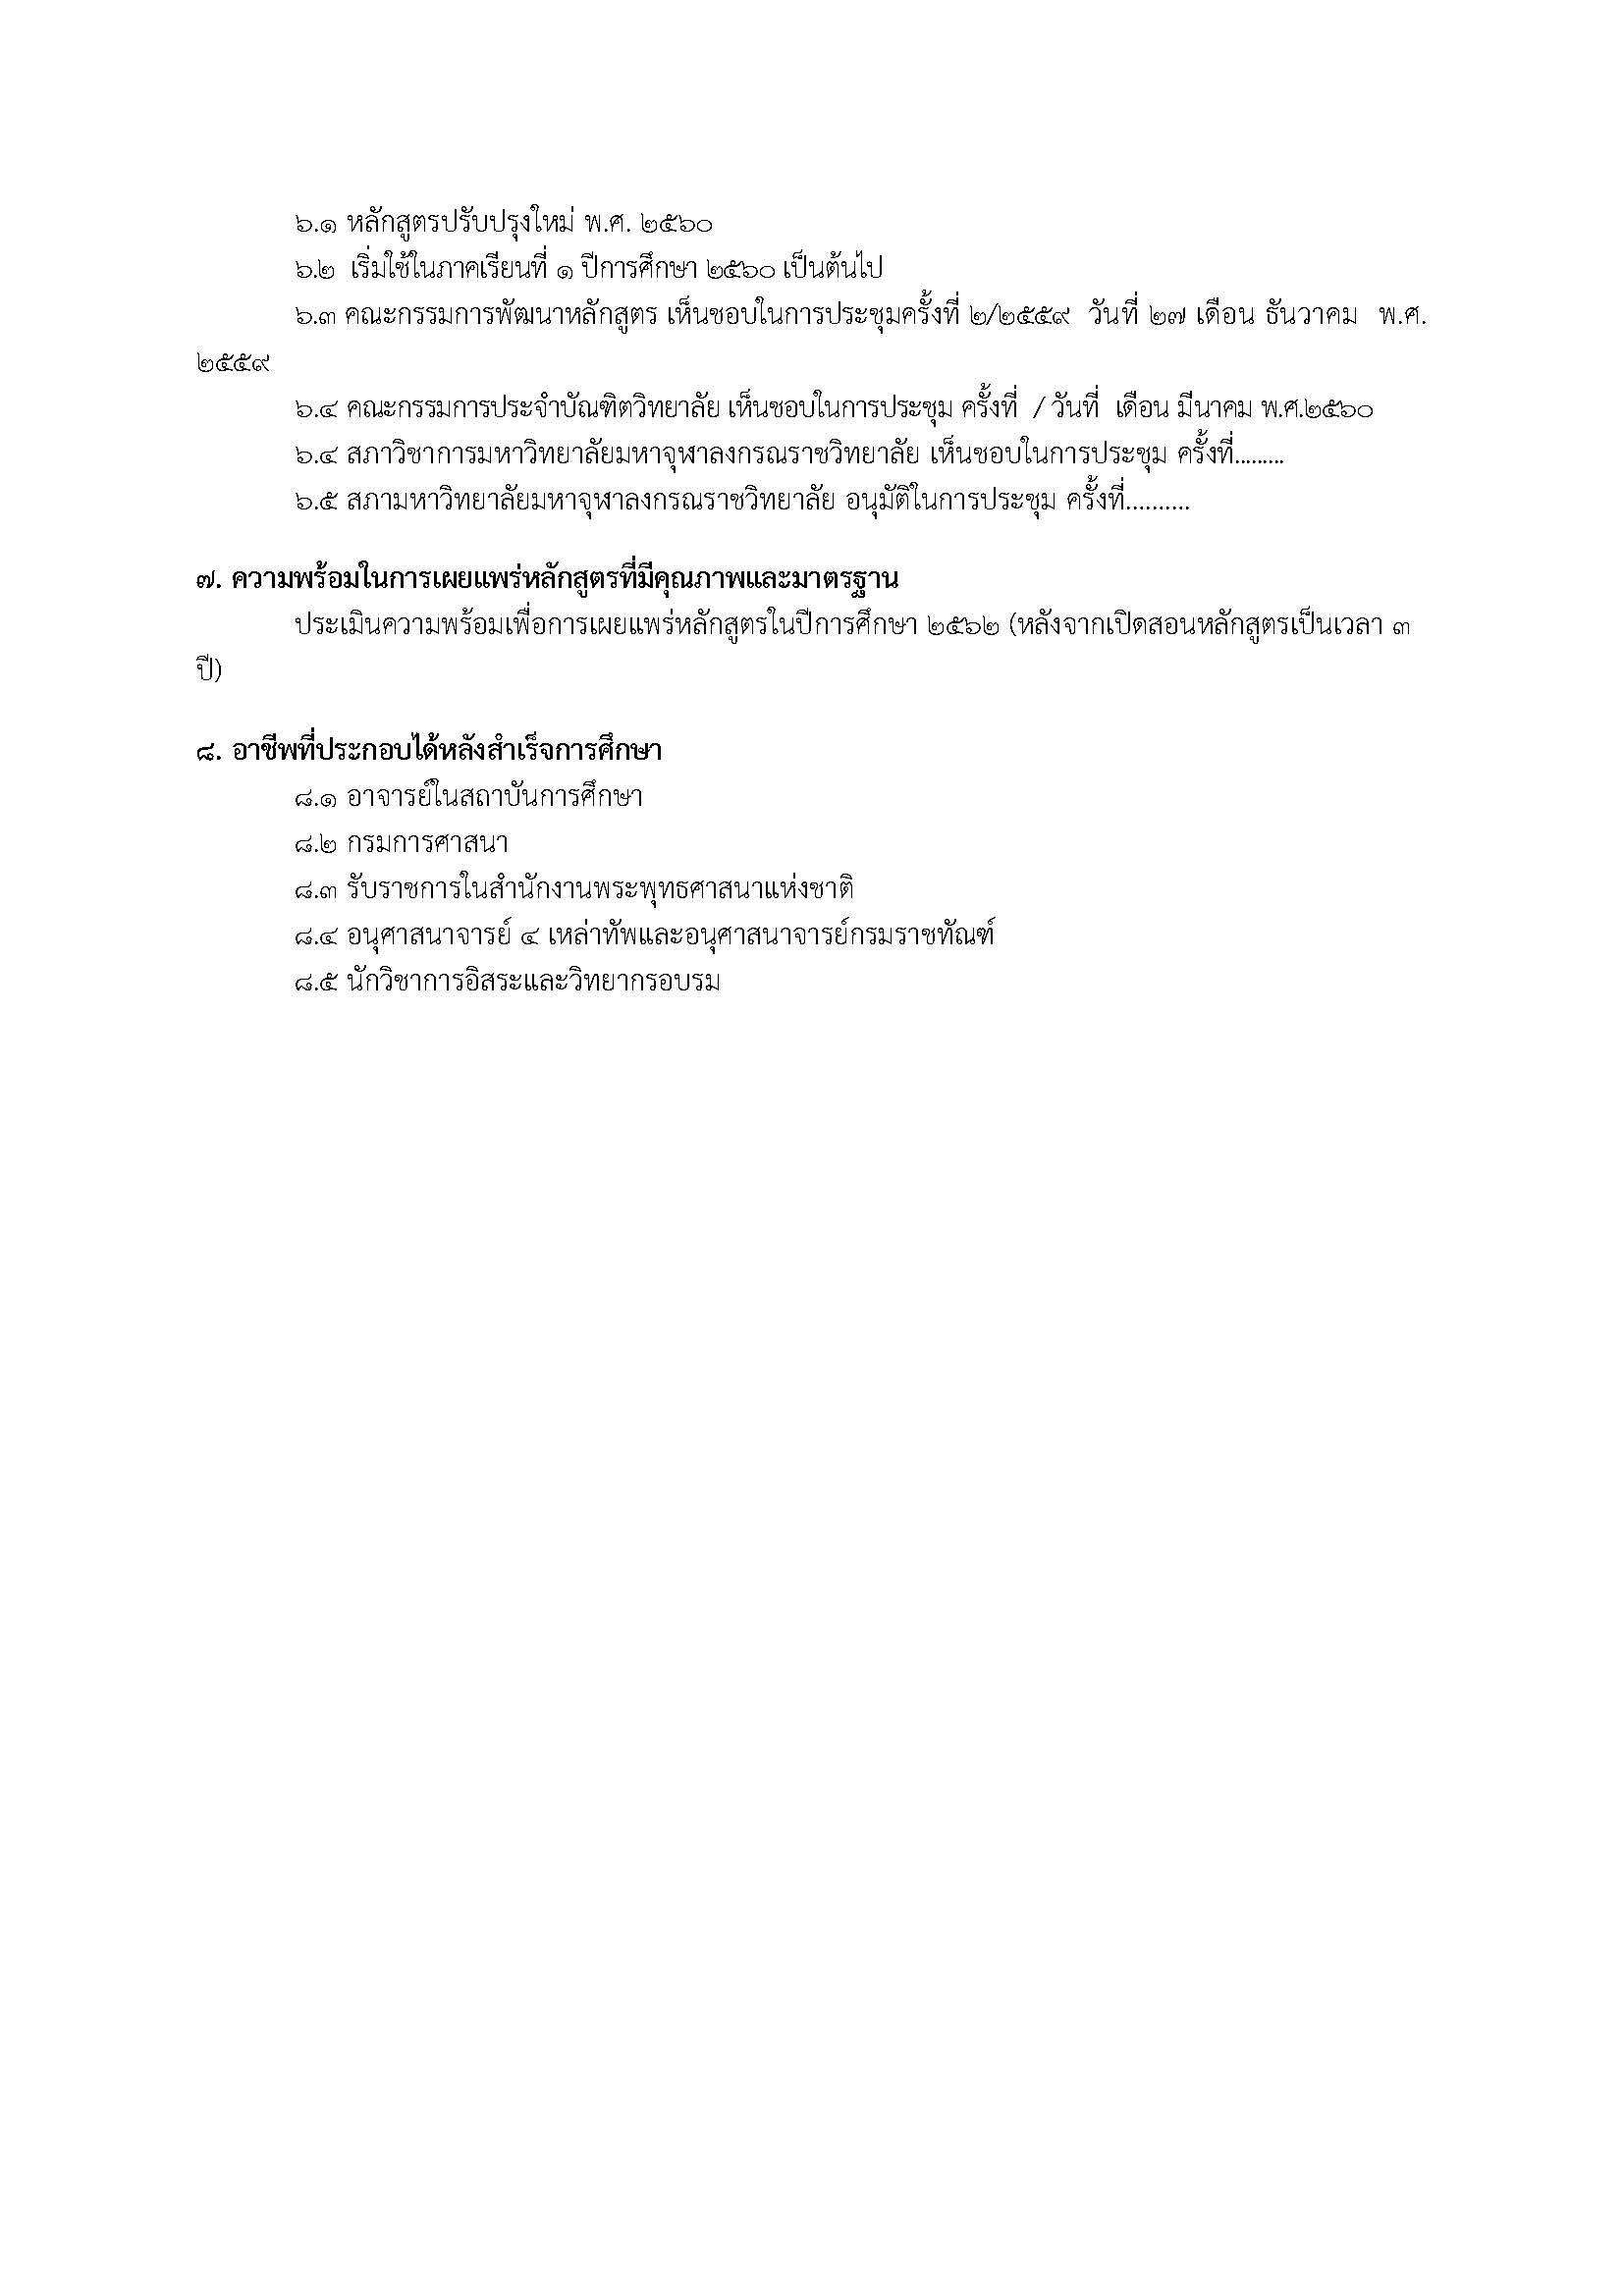 รายละเอียดของหลักสูตรพุทธศาสตรมหาบัณฑิต_Page_2